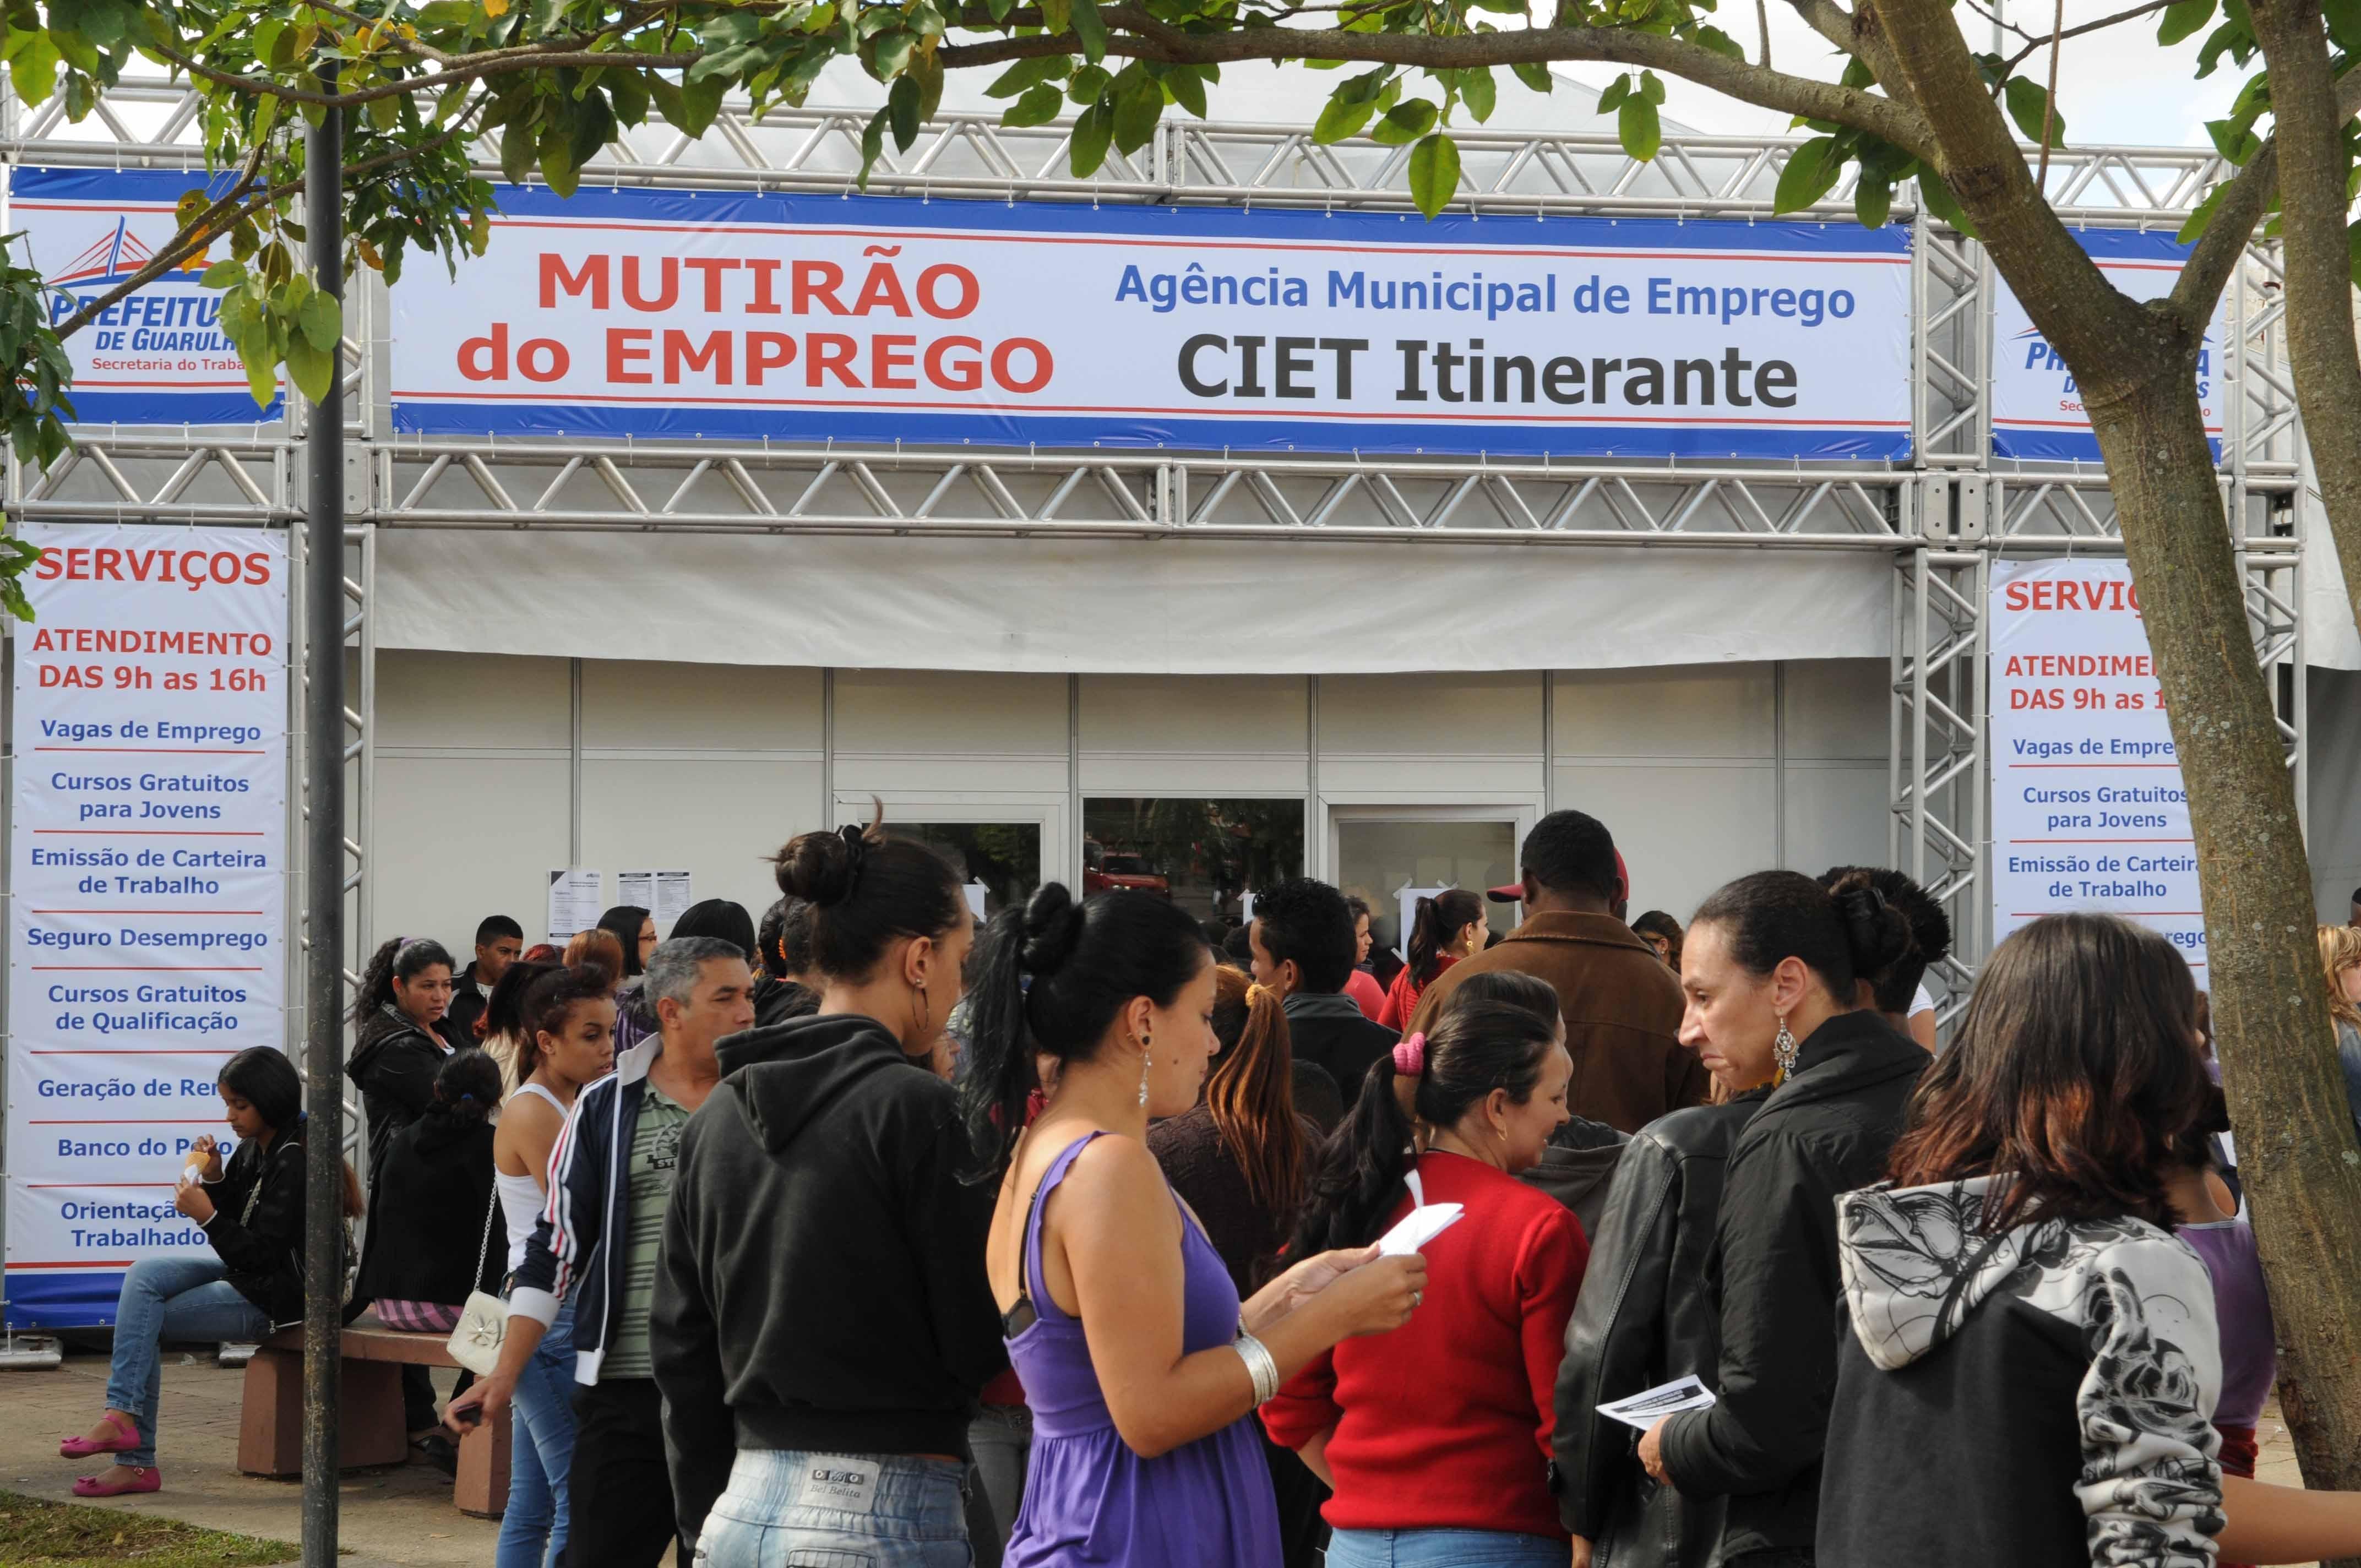 Aproveite para verificar as oportunidades (Foto: Fabio Nunes Teixeira/PMG)